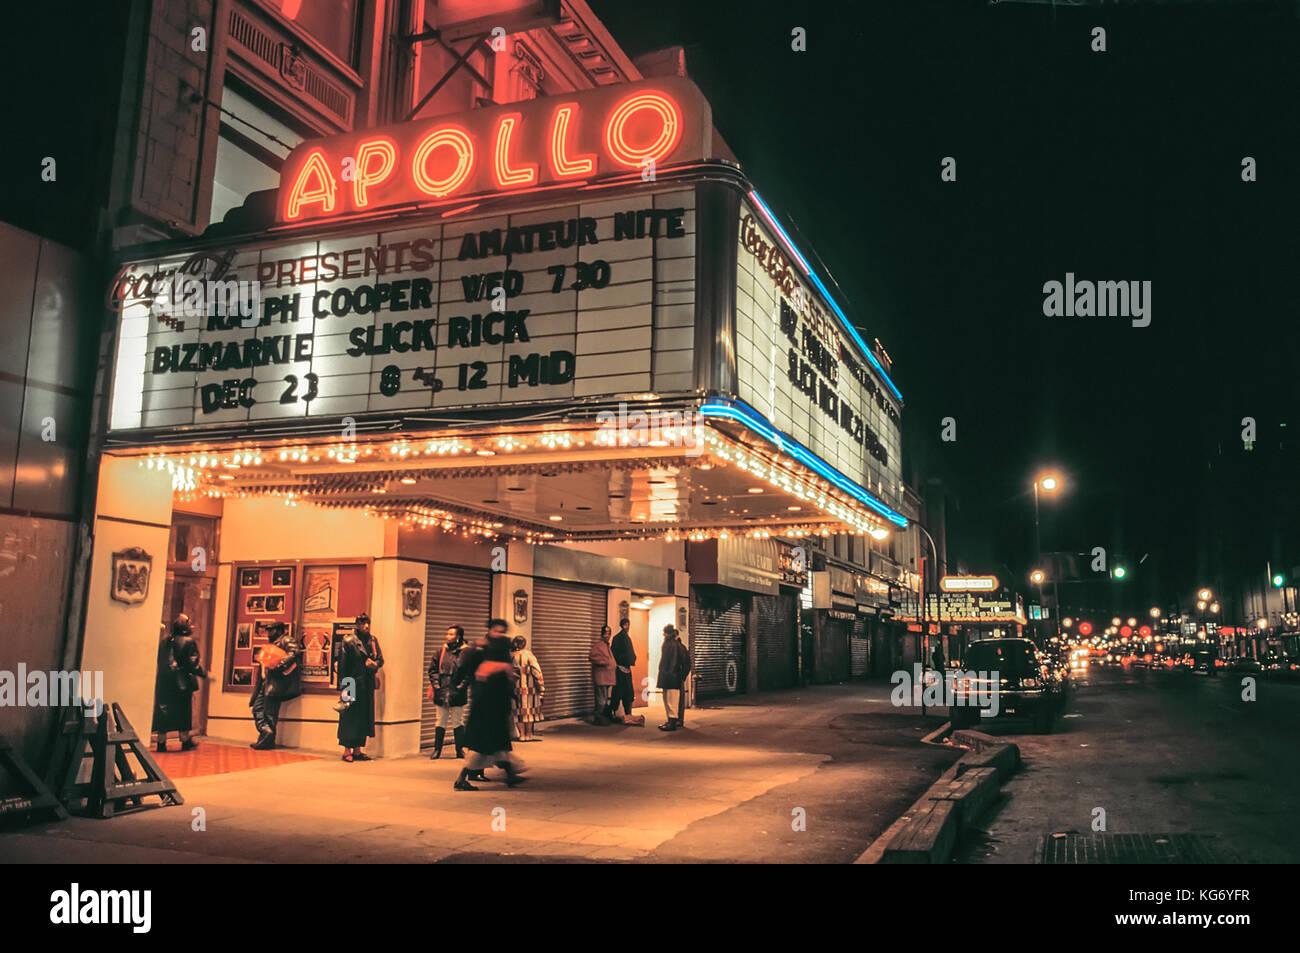 Legendäre Apollo Theater an der 110. Straße, New York, im Herzen von Harlem. Stockbild